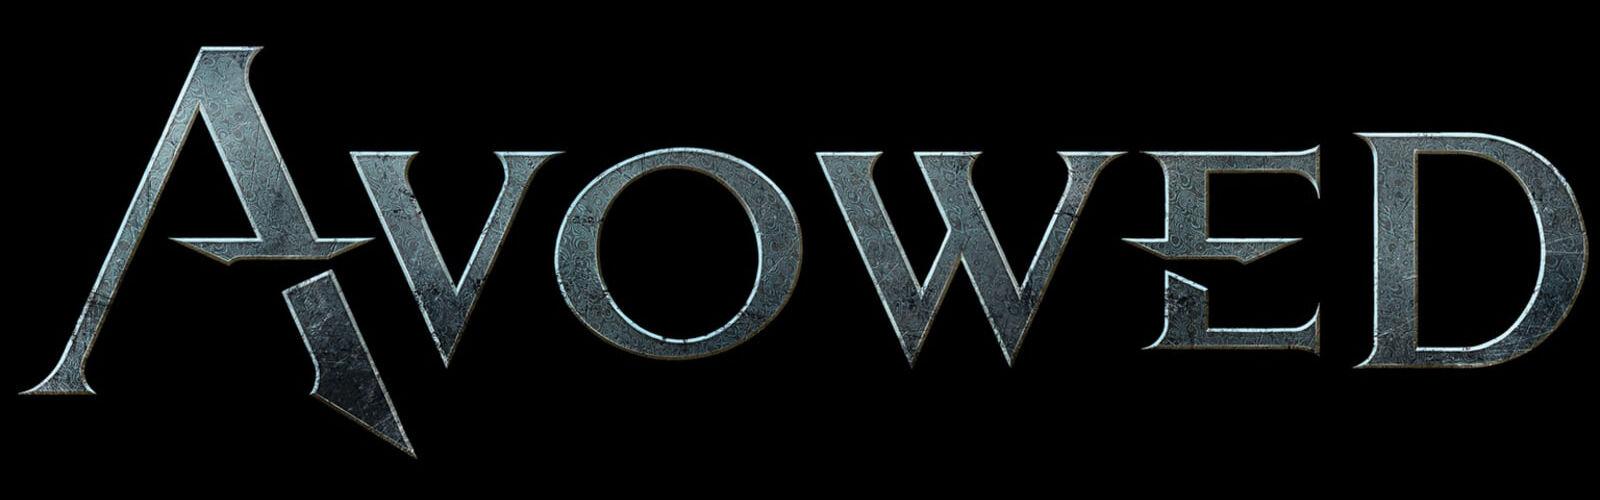 Avowed-logo.jpg